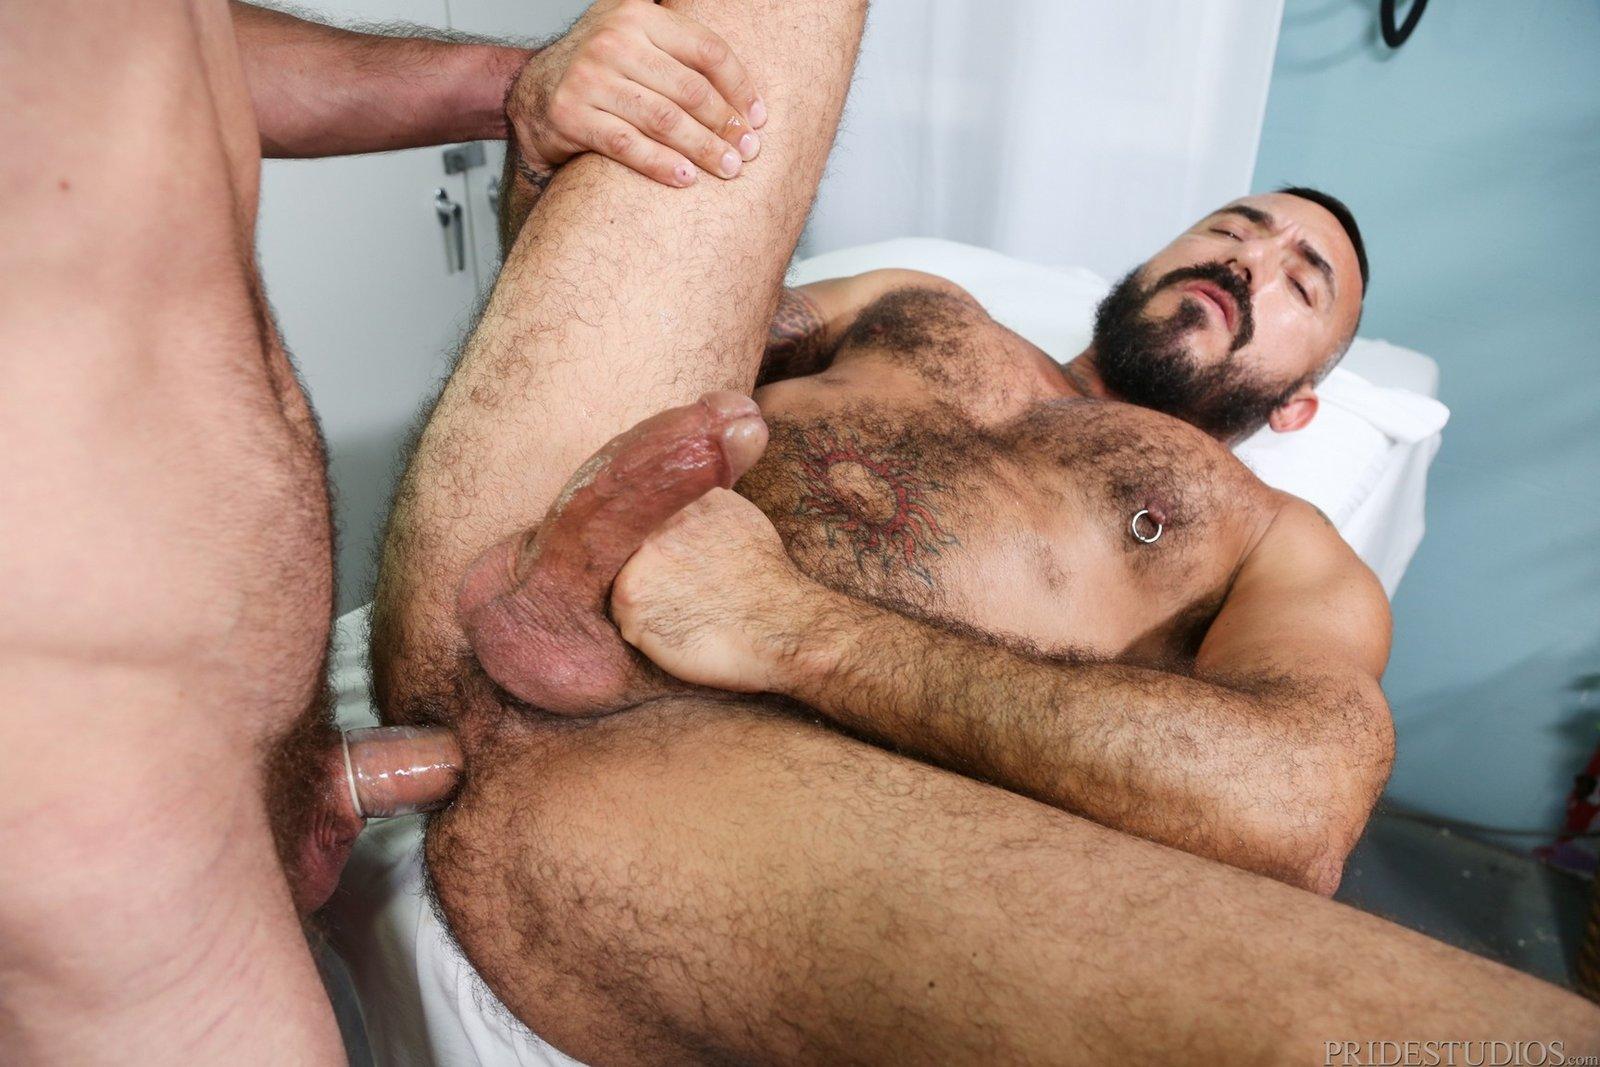 Hairy bear gay group sex